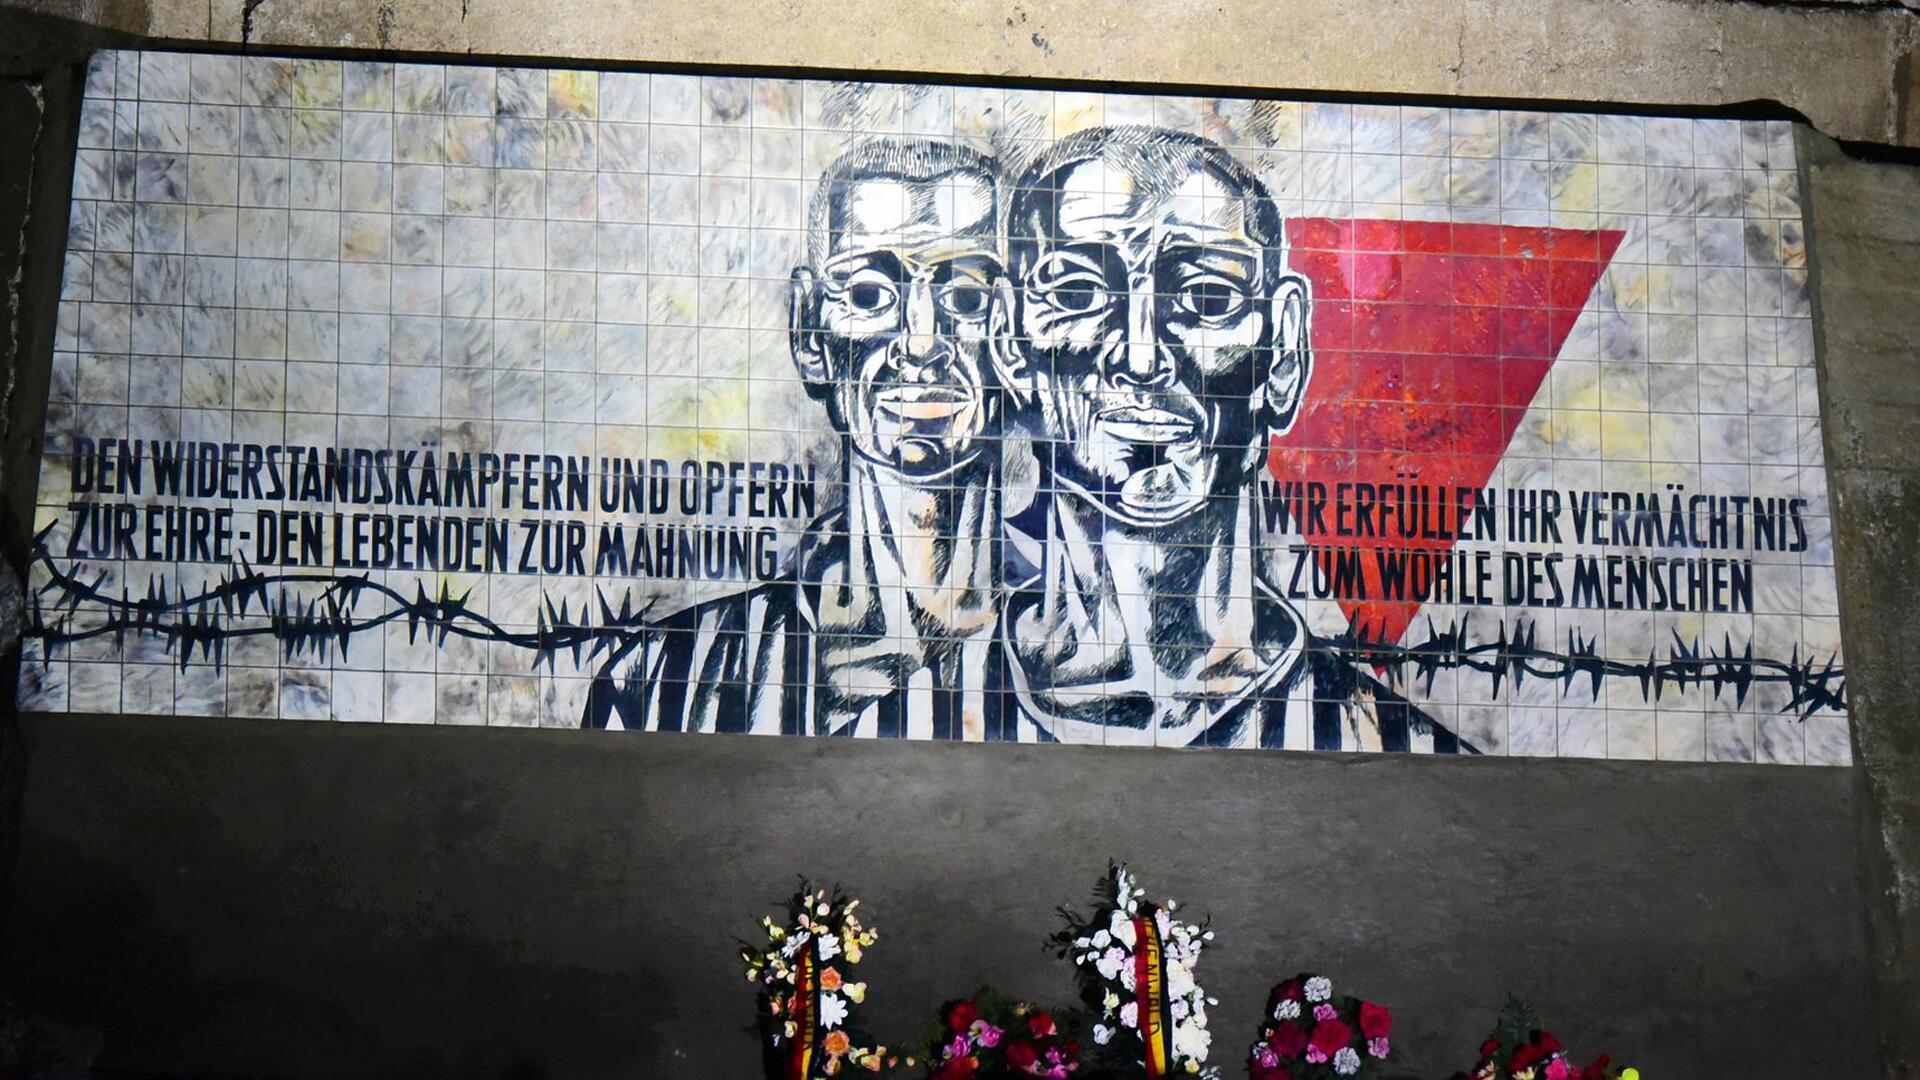 Bild zu 75. Tag der Befreiung vom Nationalsozialismus